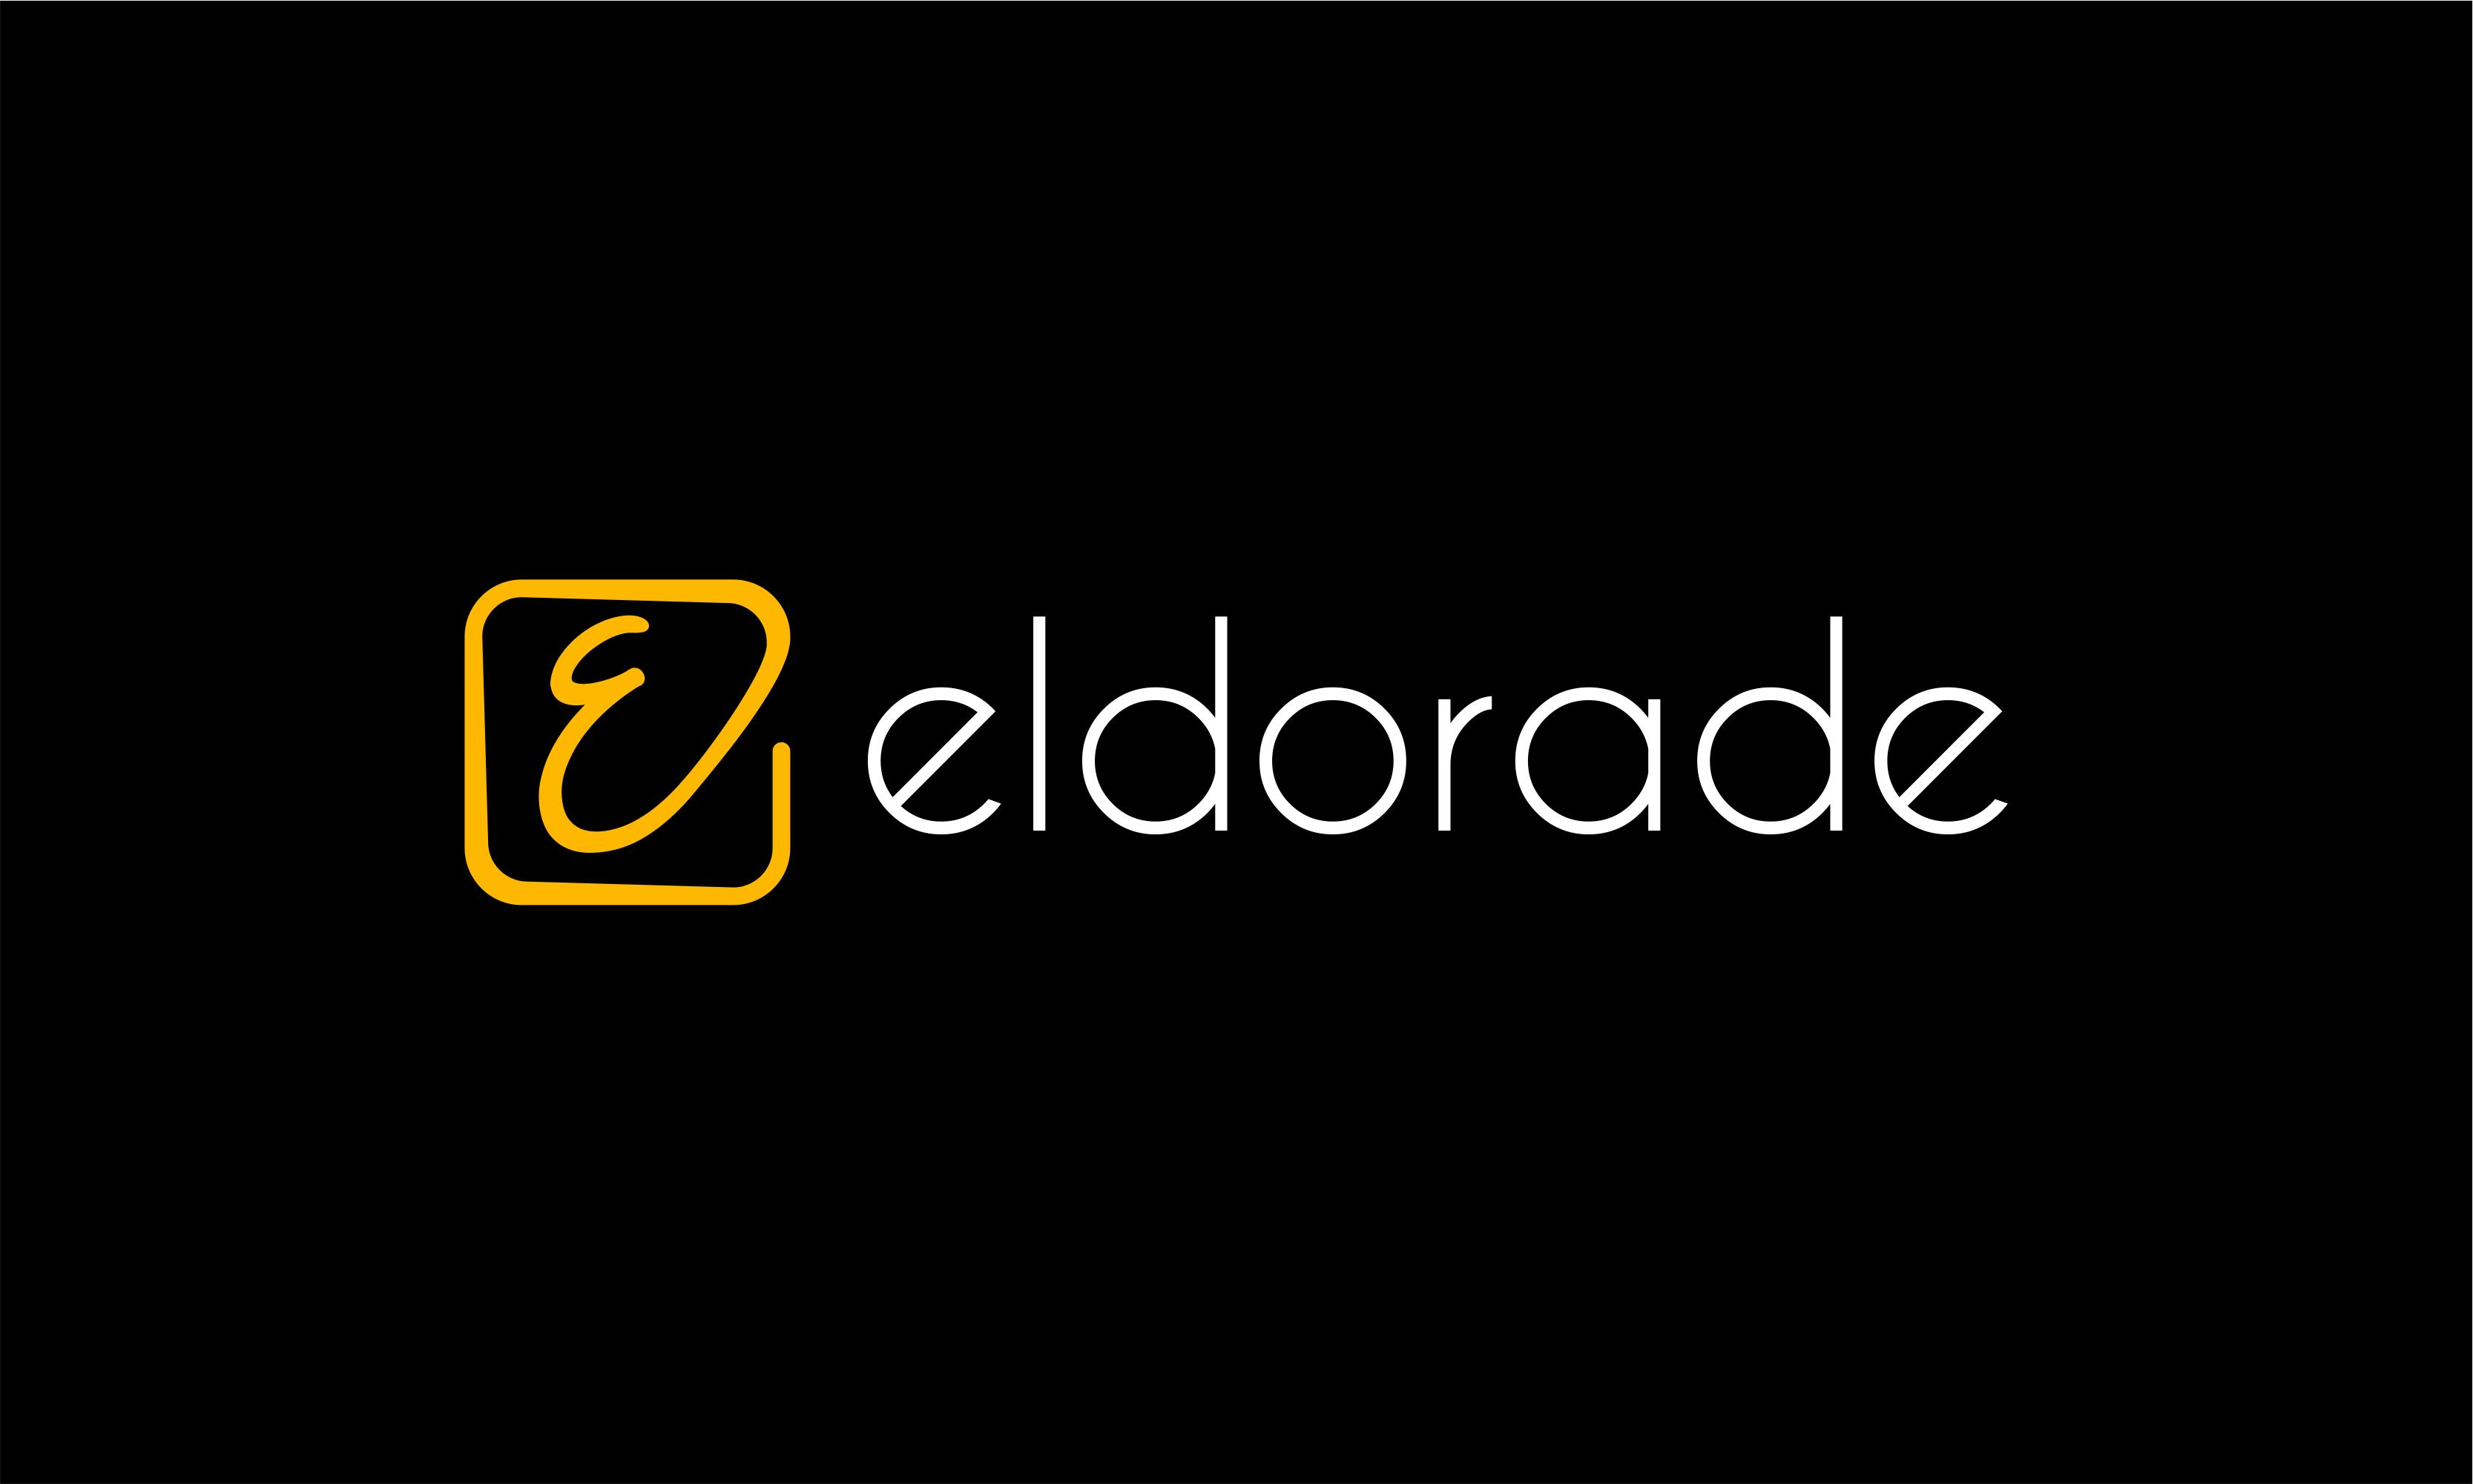 Eldorade